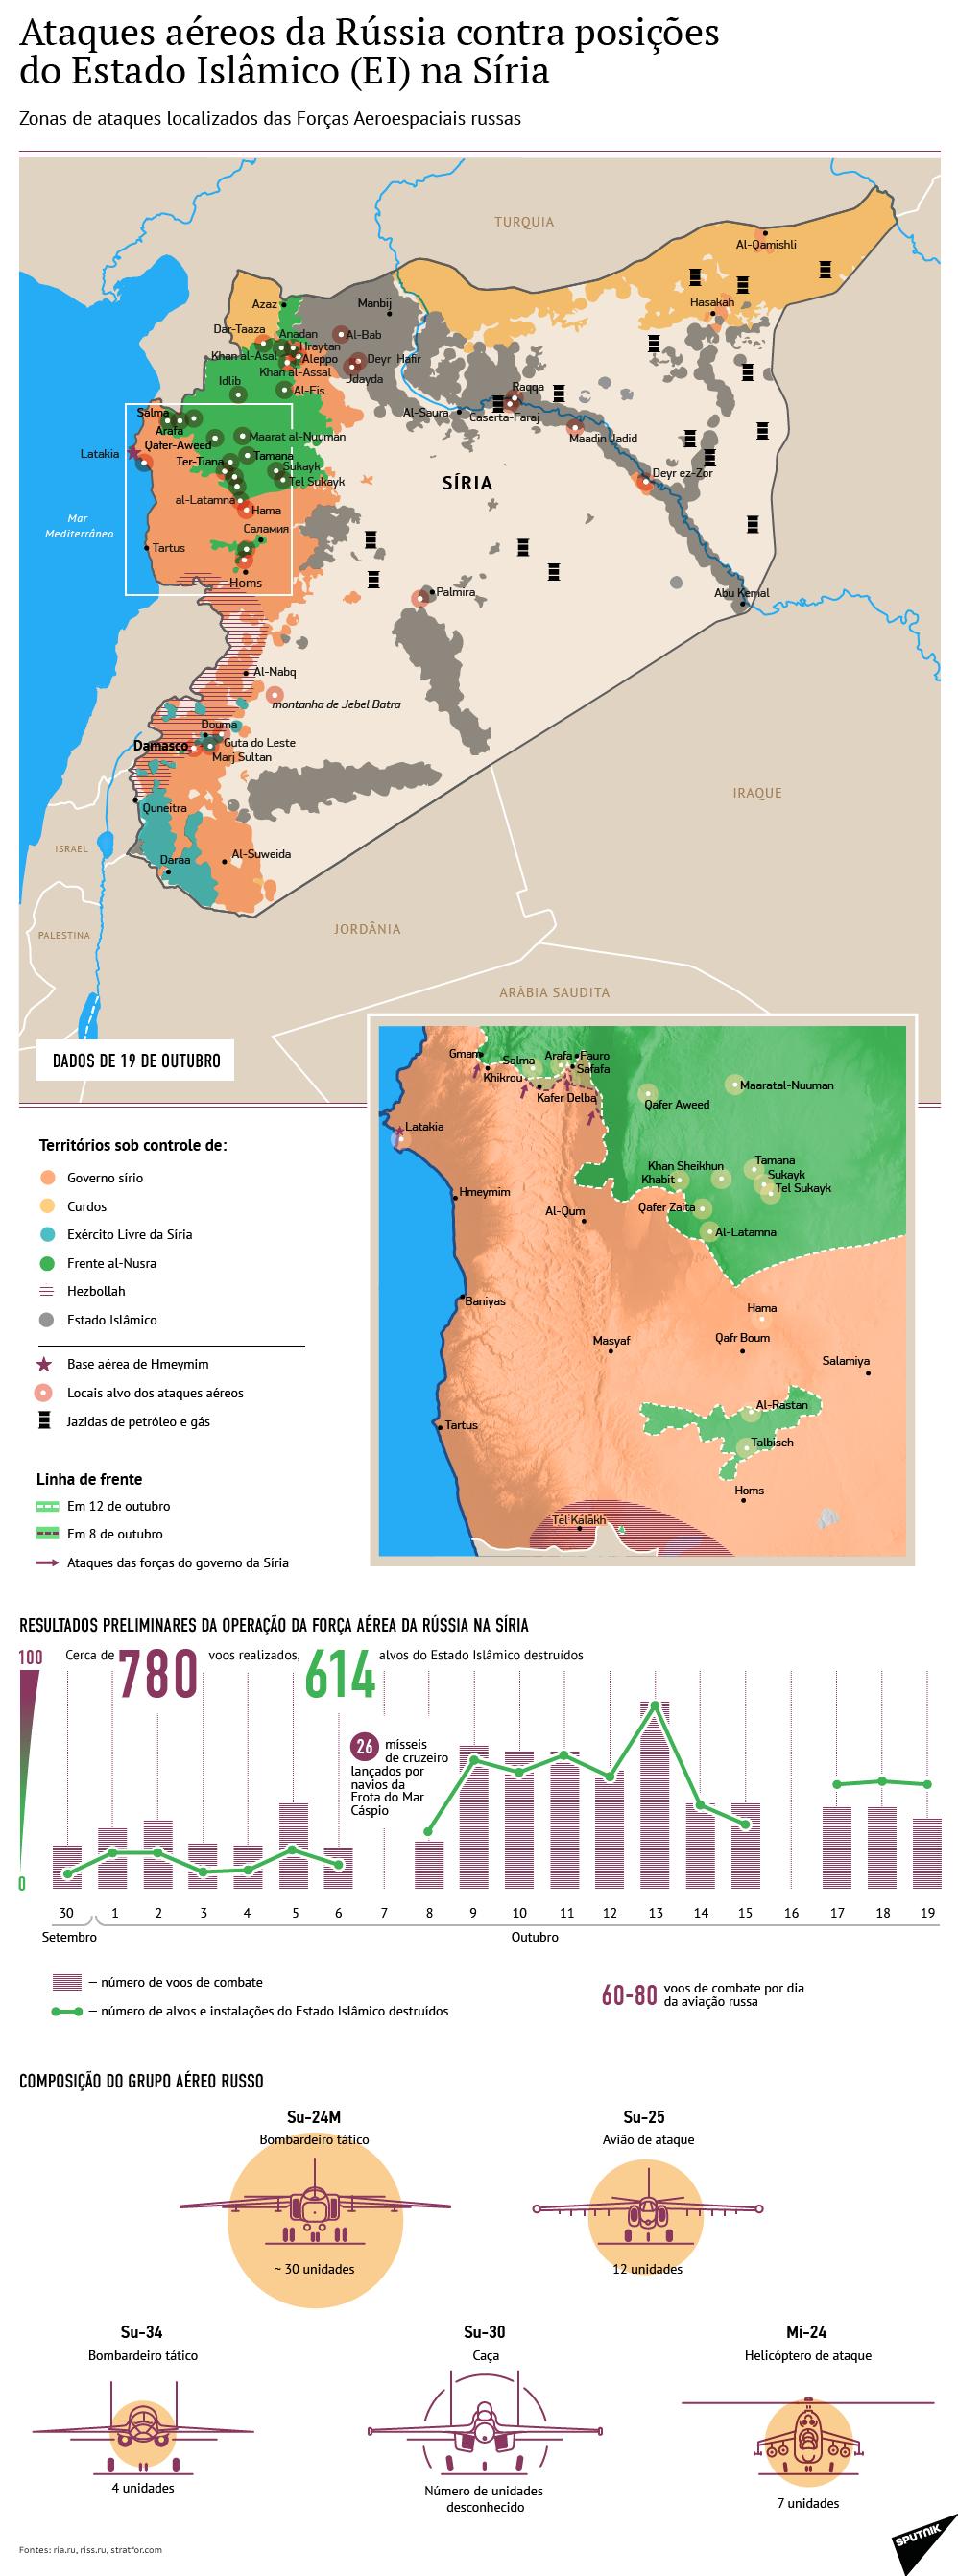 Ataques russos contra posições de terroristas na Síria